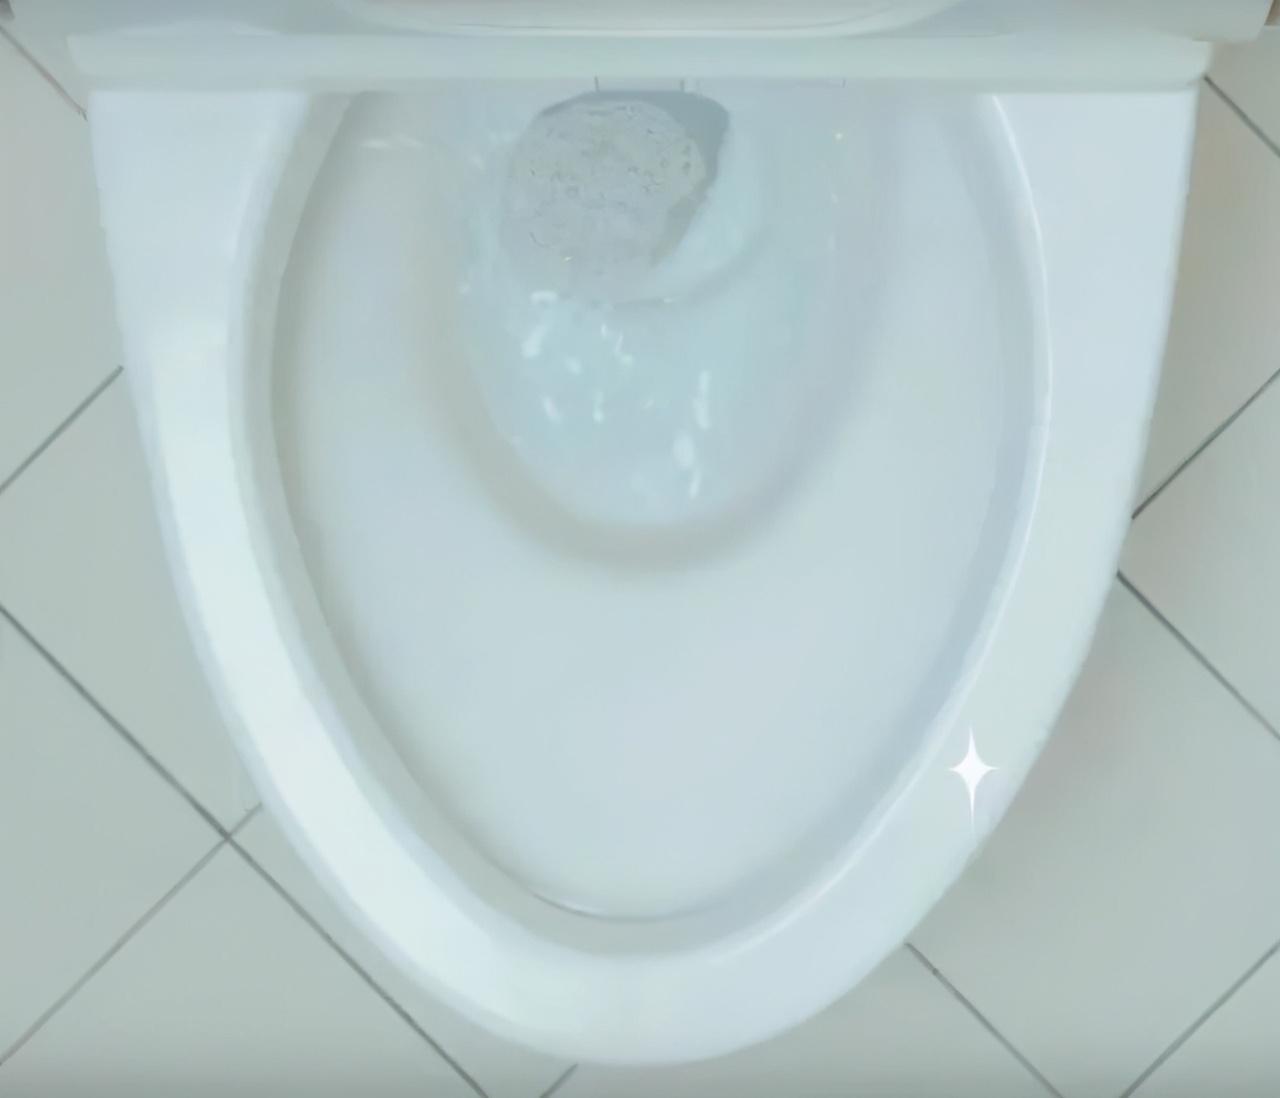 年底大扫除最强清洁攻略!这15个家务清洁技巧,日本主妇都在用 家务卫生 第39张